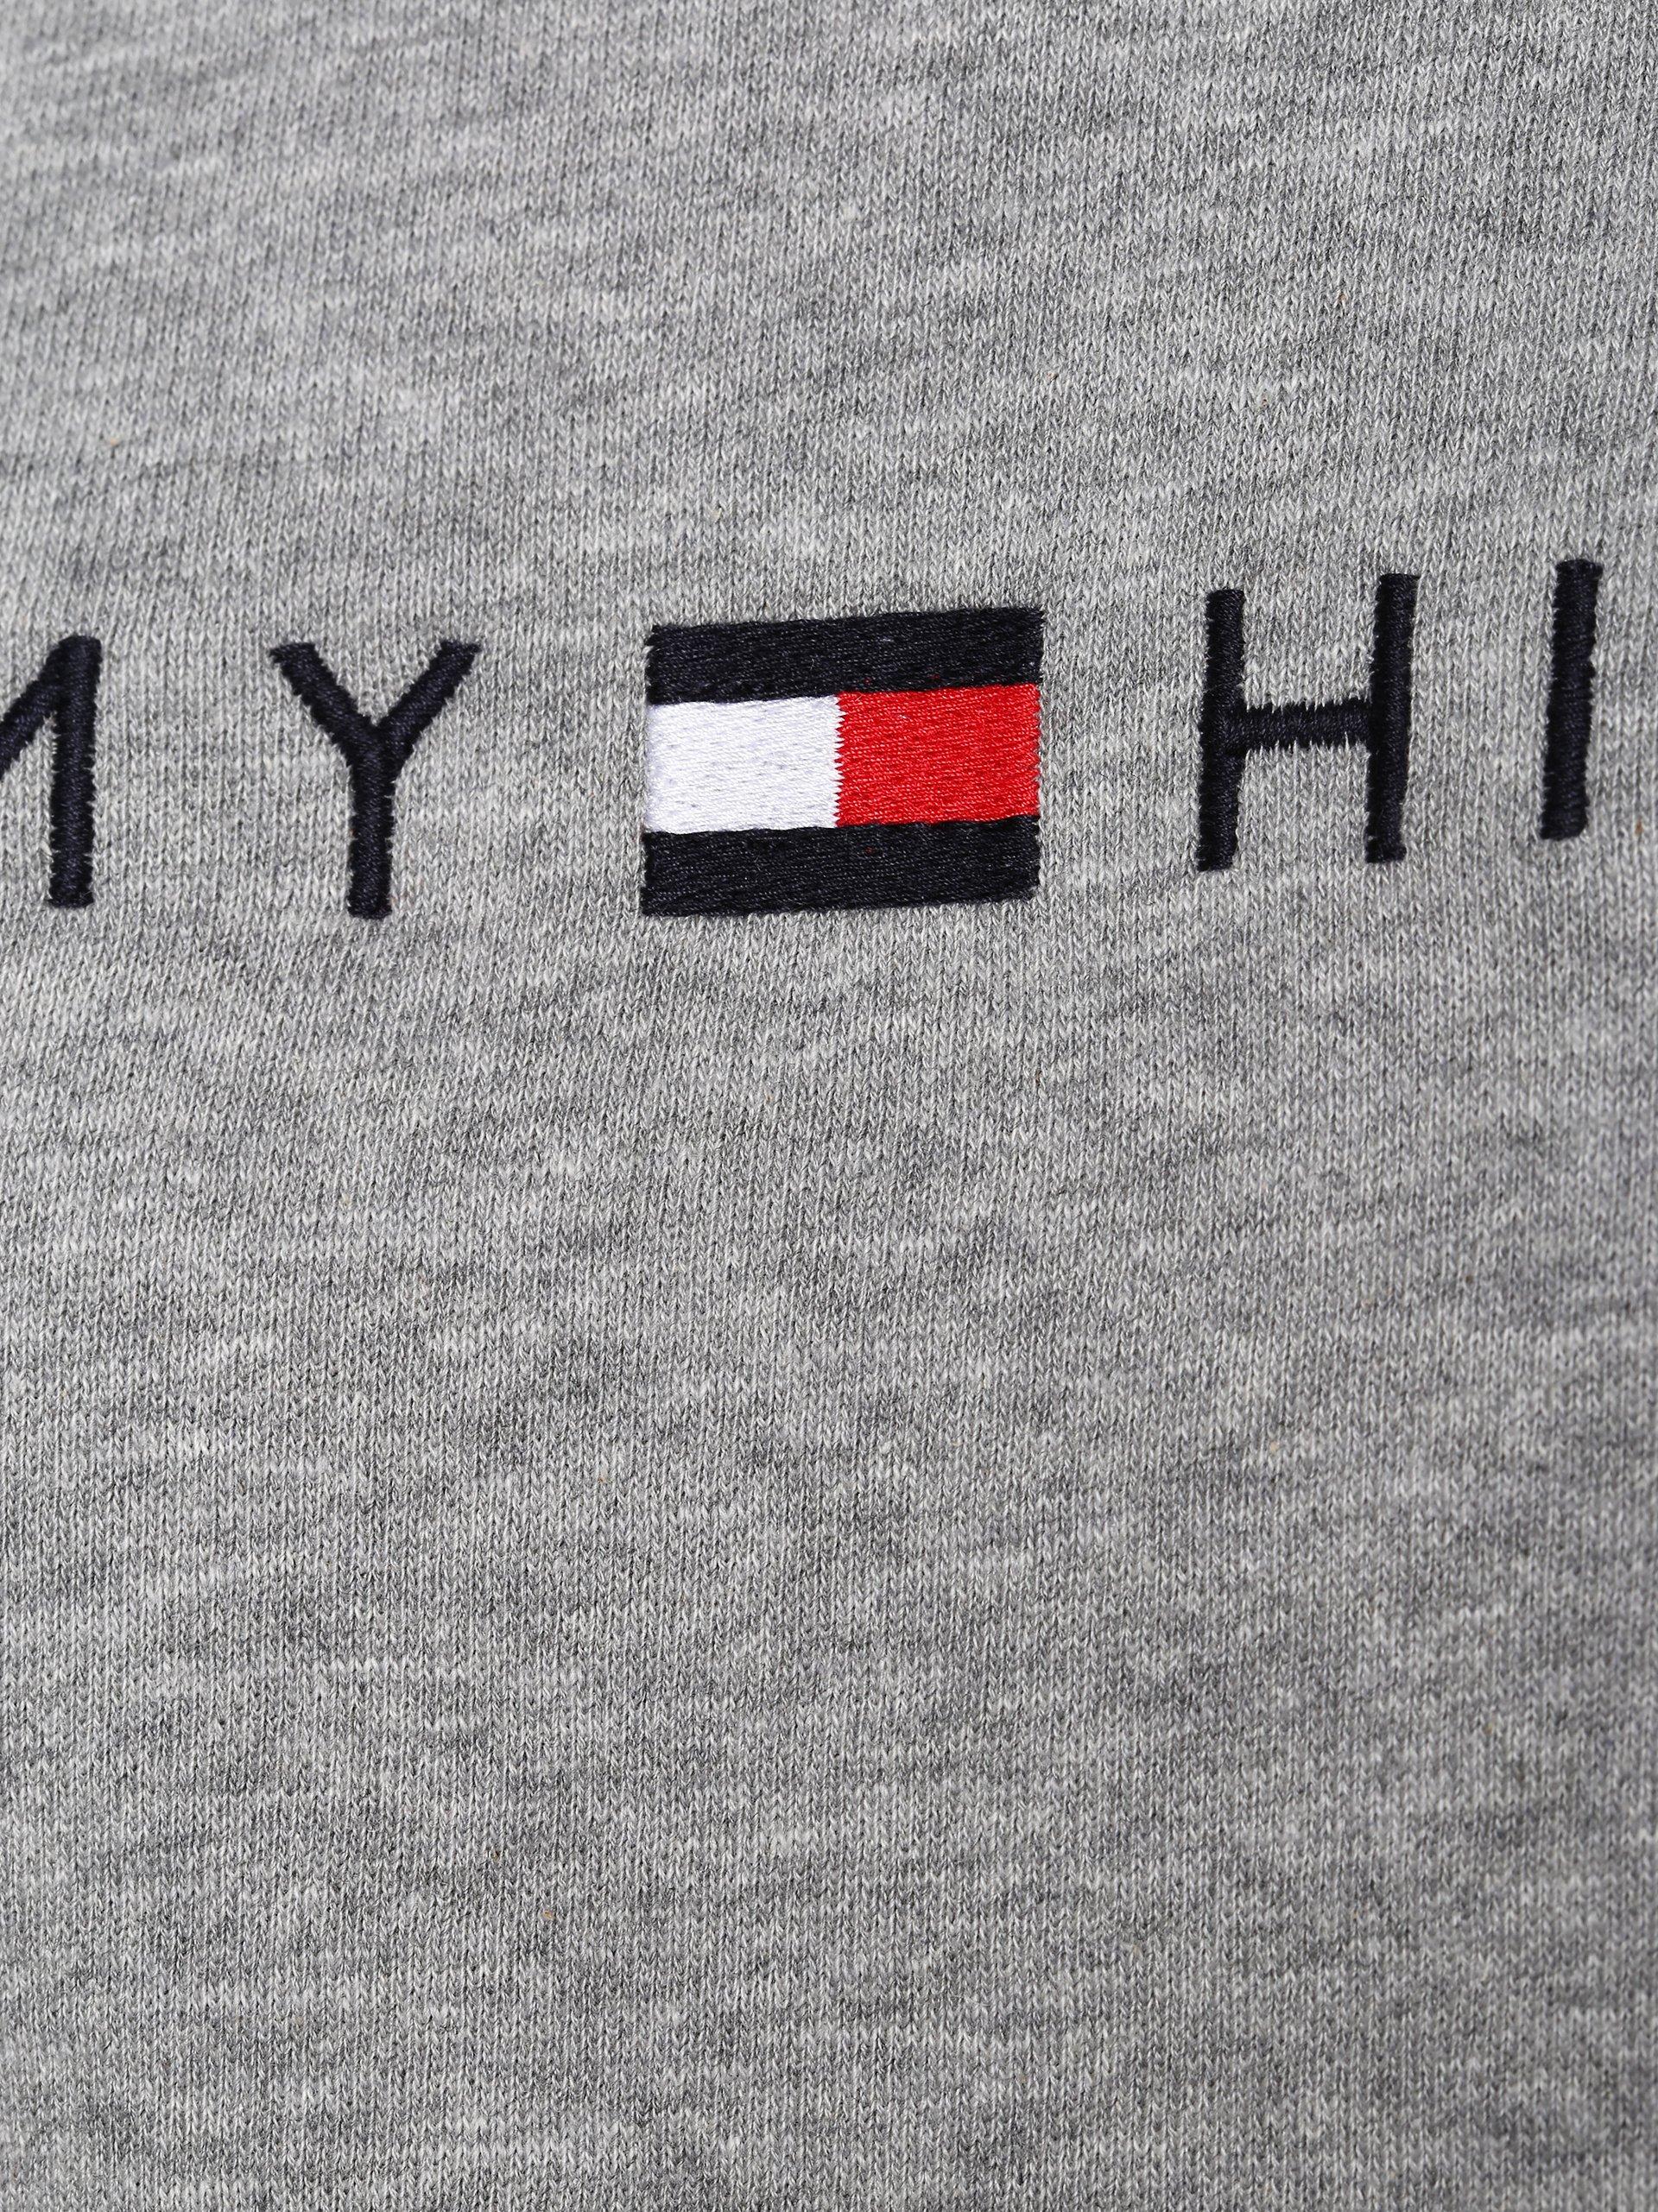 Tommy Hilfiger Damen Sweatshirt